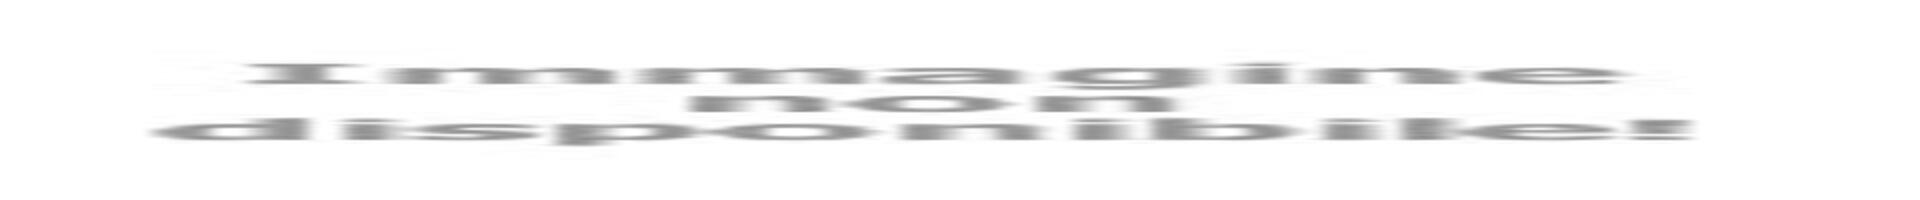 blumenhotel it speciale-macfrut-in-hotel-vicino-a-rimini-fiera 016